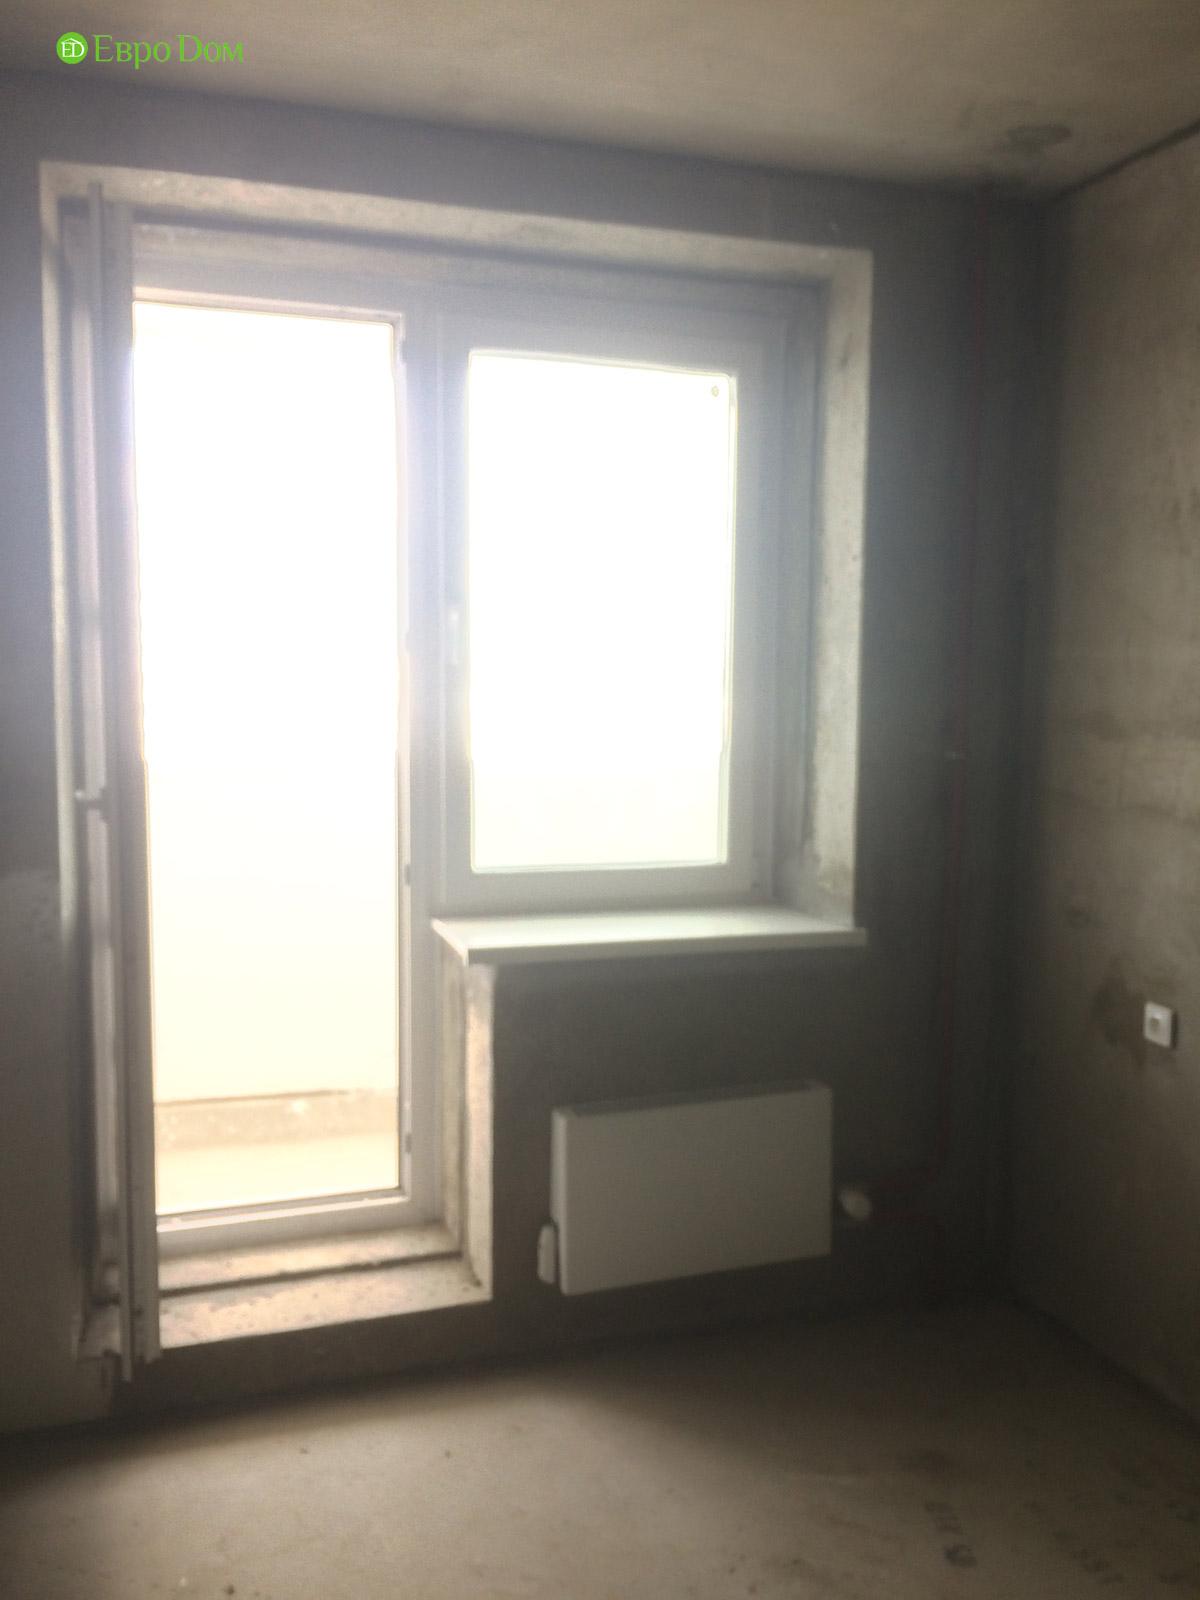 Ремонт и отделка 4-комнатной квартиры 109 кв. м.  Интерьер в современном стиле. Фото 011